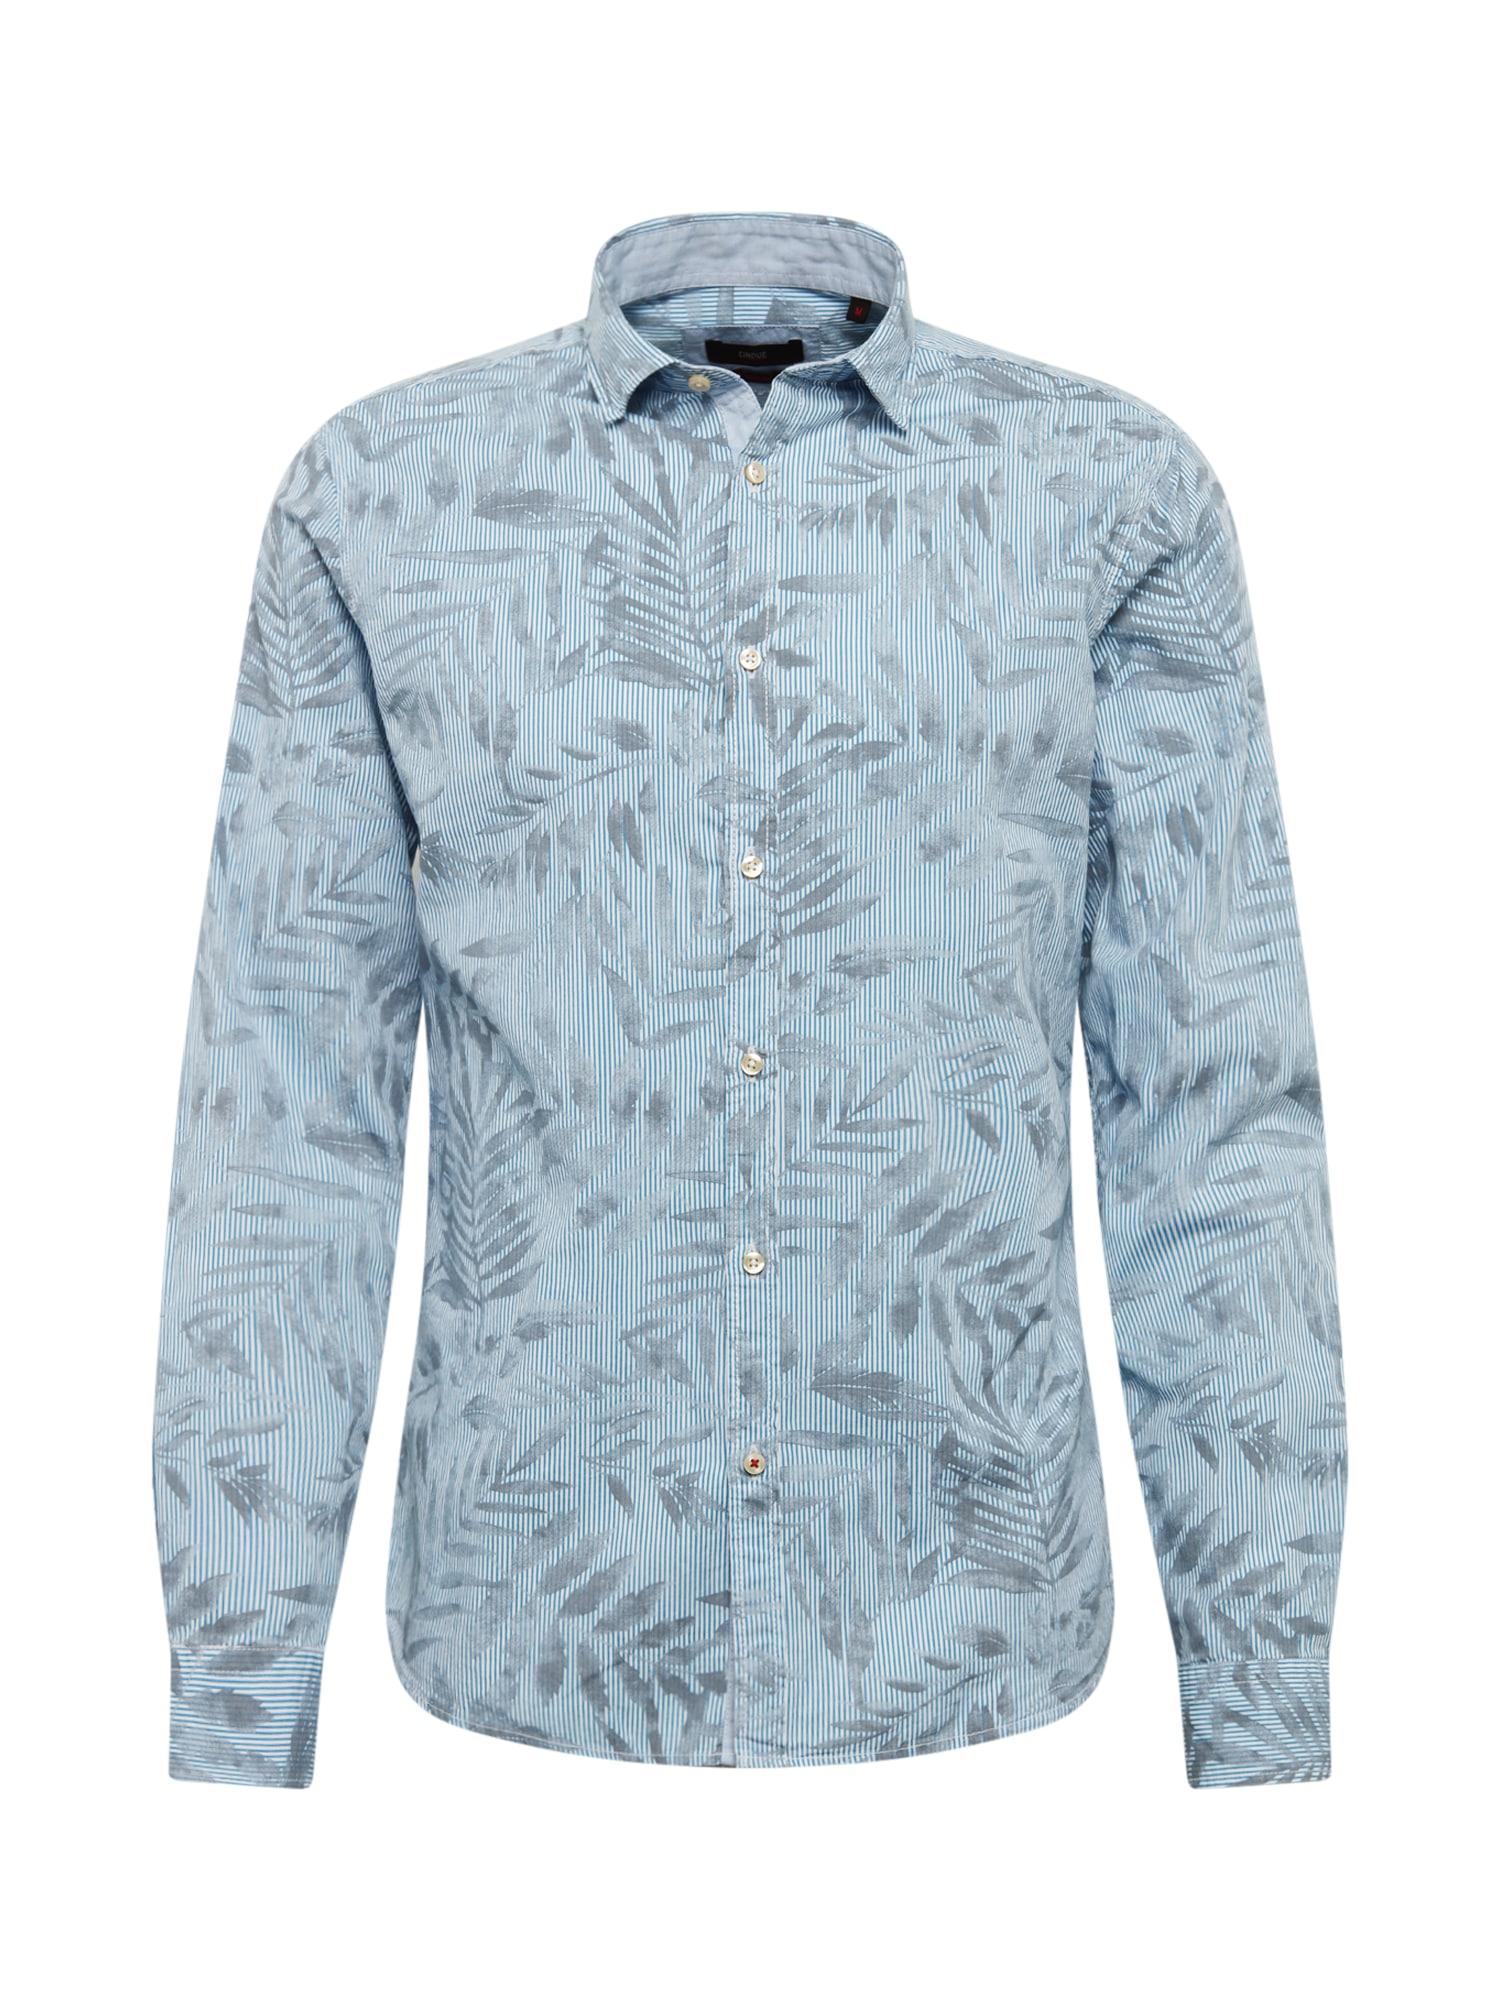 CINQUE Dalykiniai marškiniai 'Cispuky' balta / mėlyna